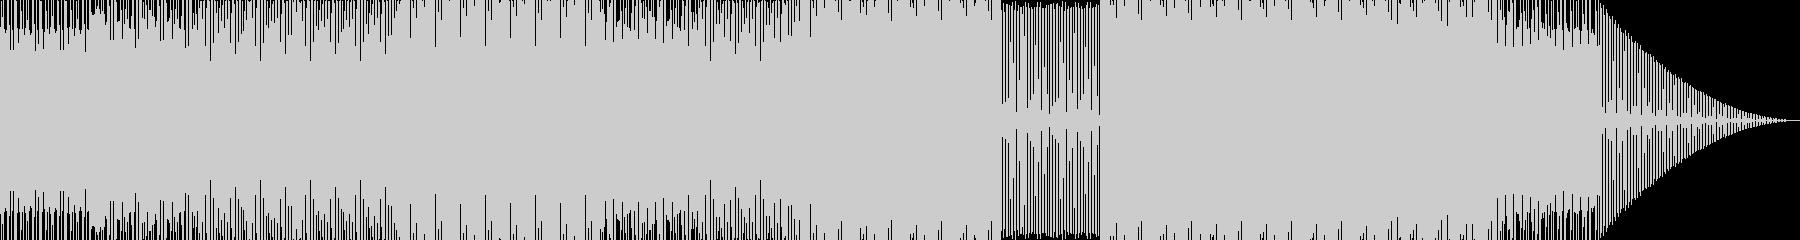 怖い感じの民族音楽っぽいテクノの未再生の波形